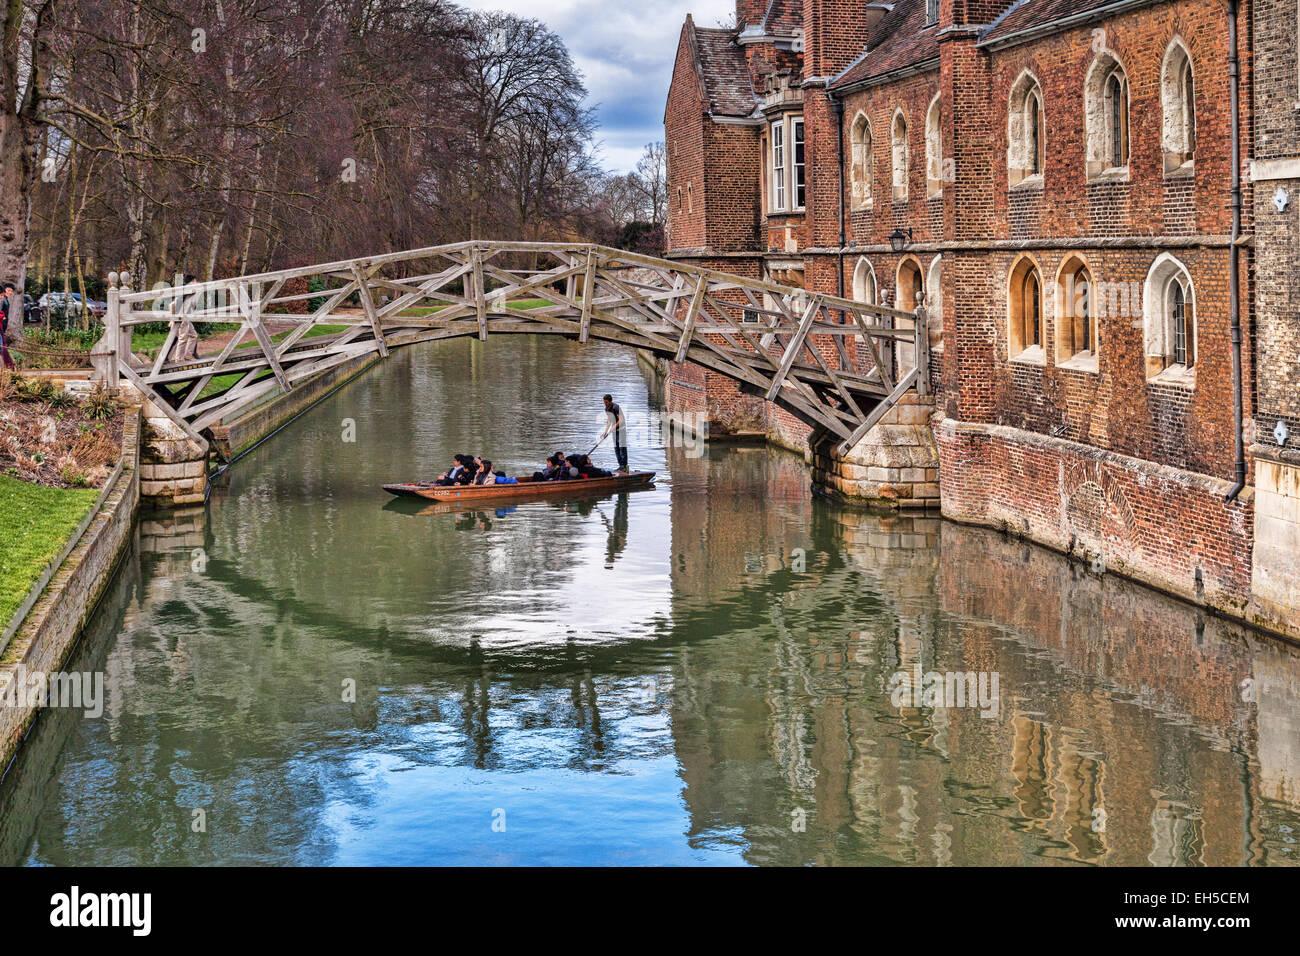 Die Mathematical Bridge, Cambridge, verbindet zwei Teile des Queens College mit einem Punt unterhalb vorbei. Stockbild